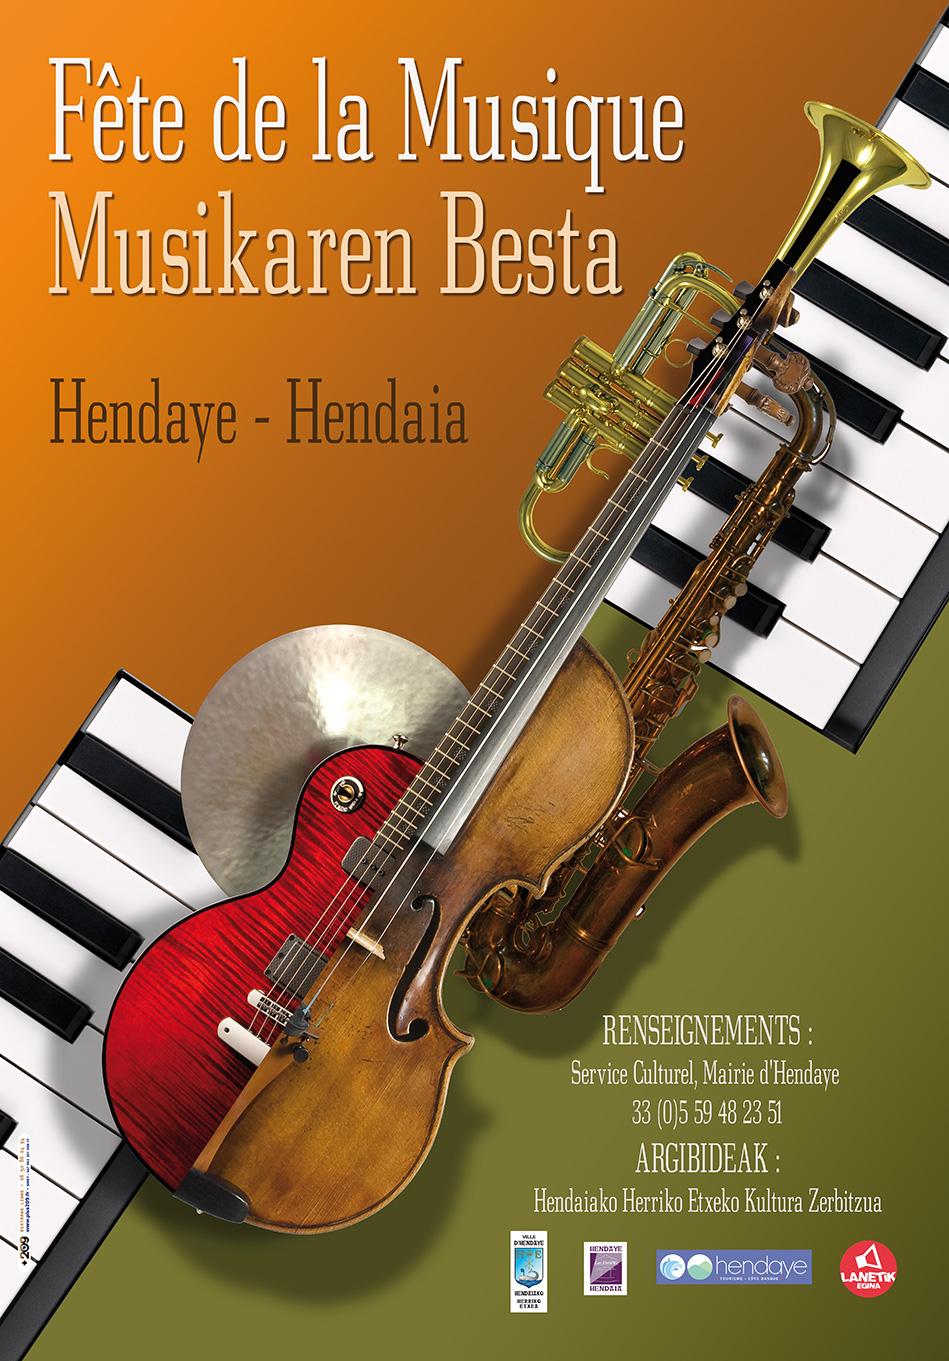 Fête de la Musique Hendaye